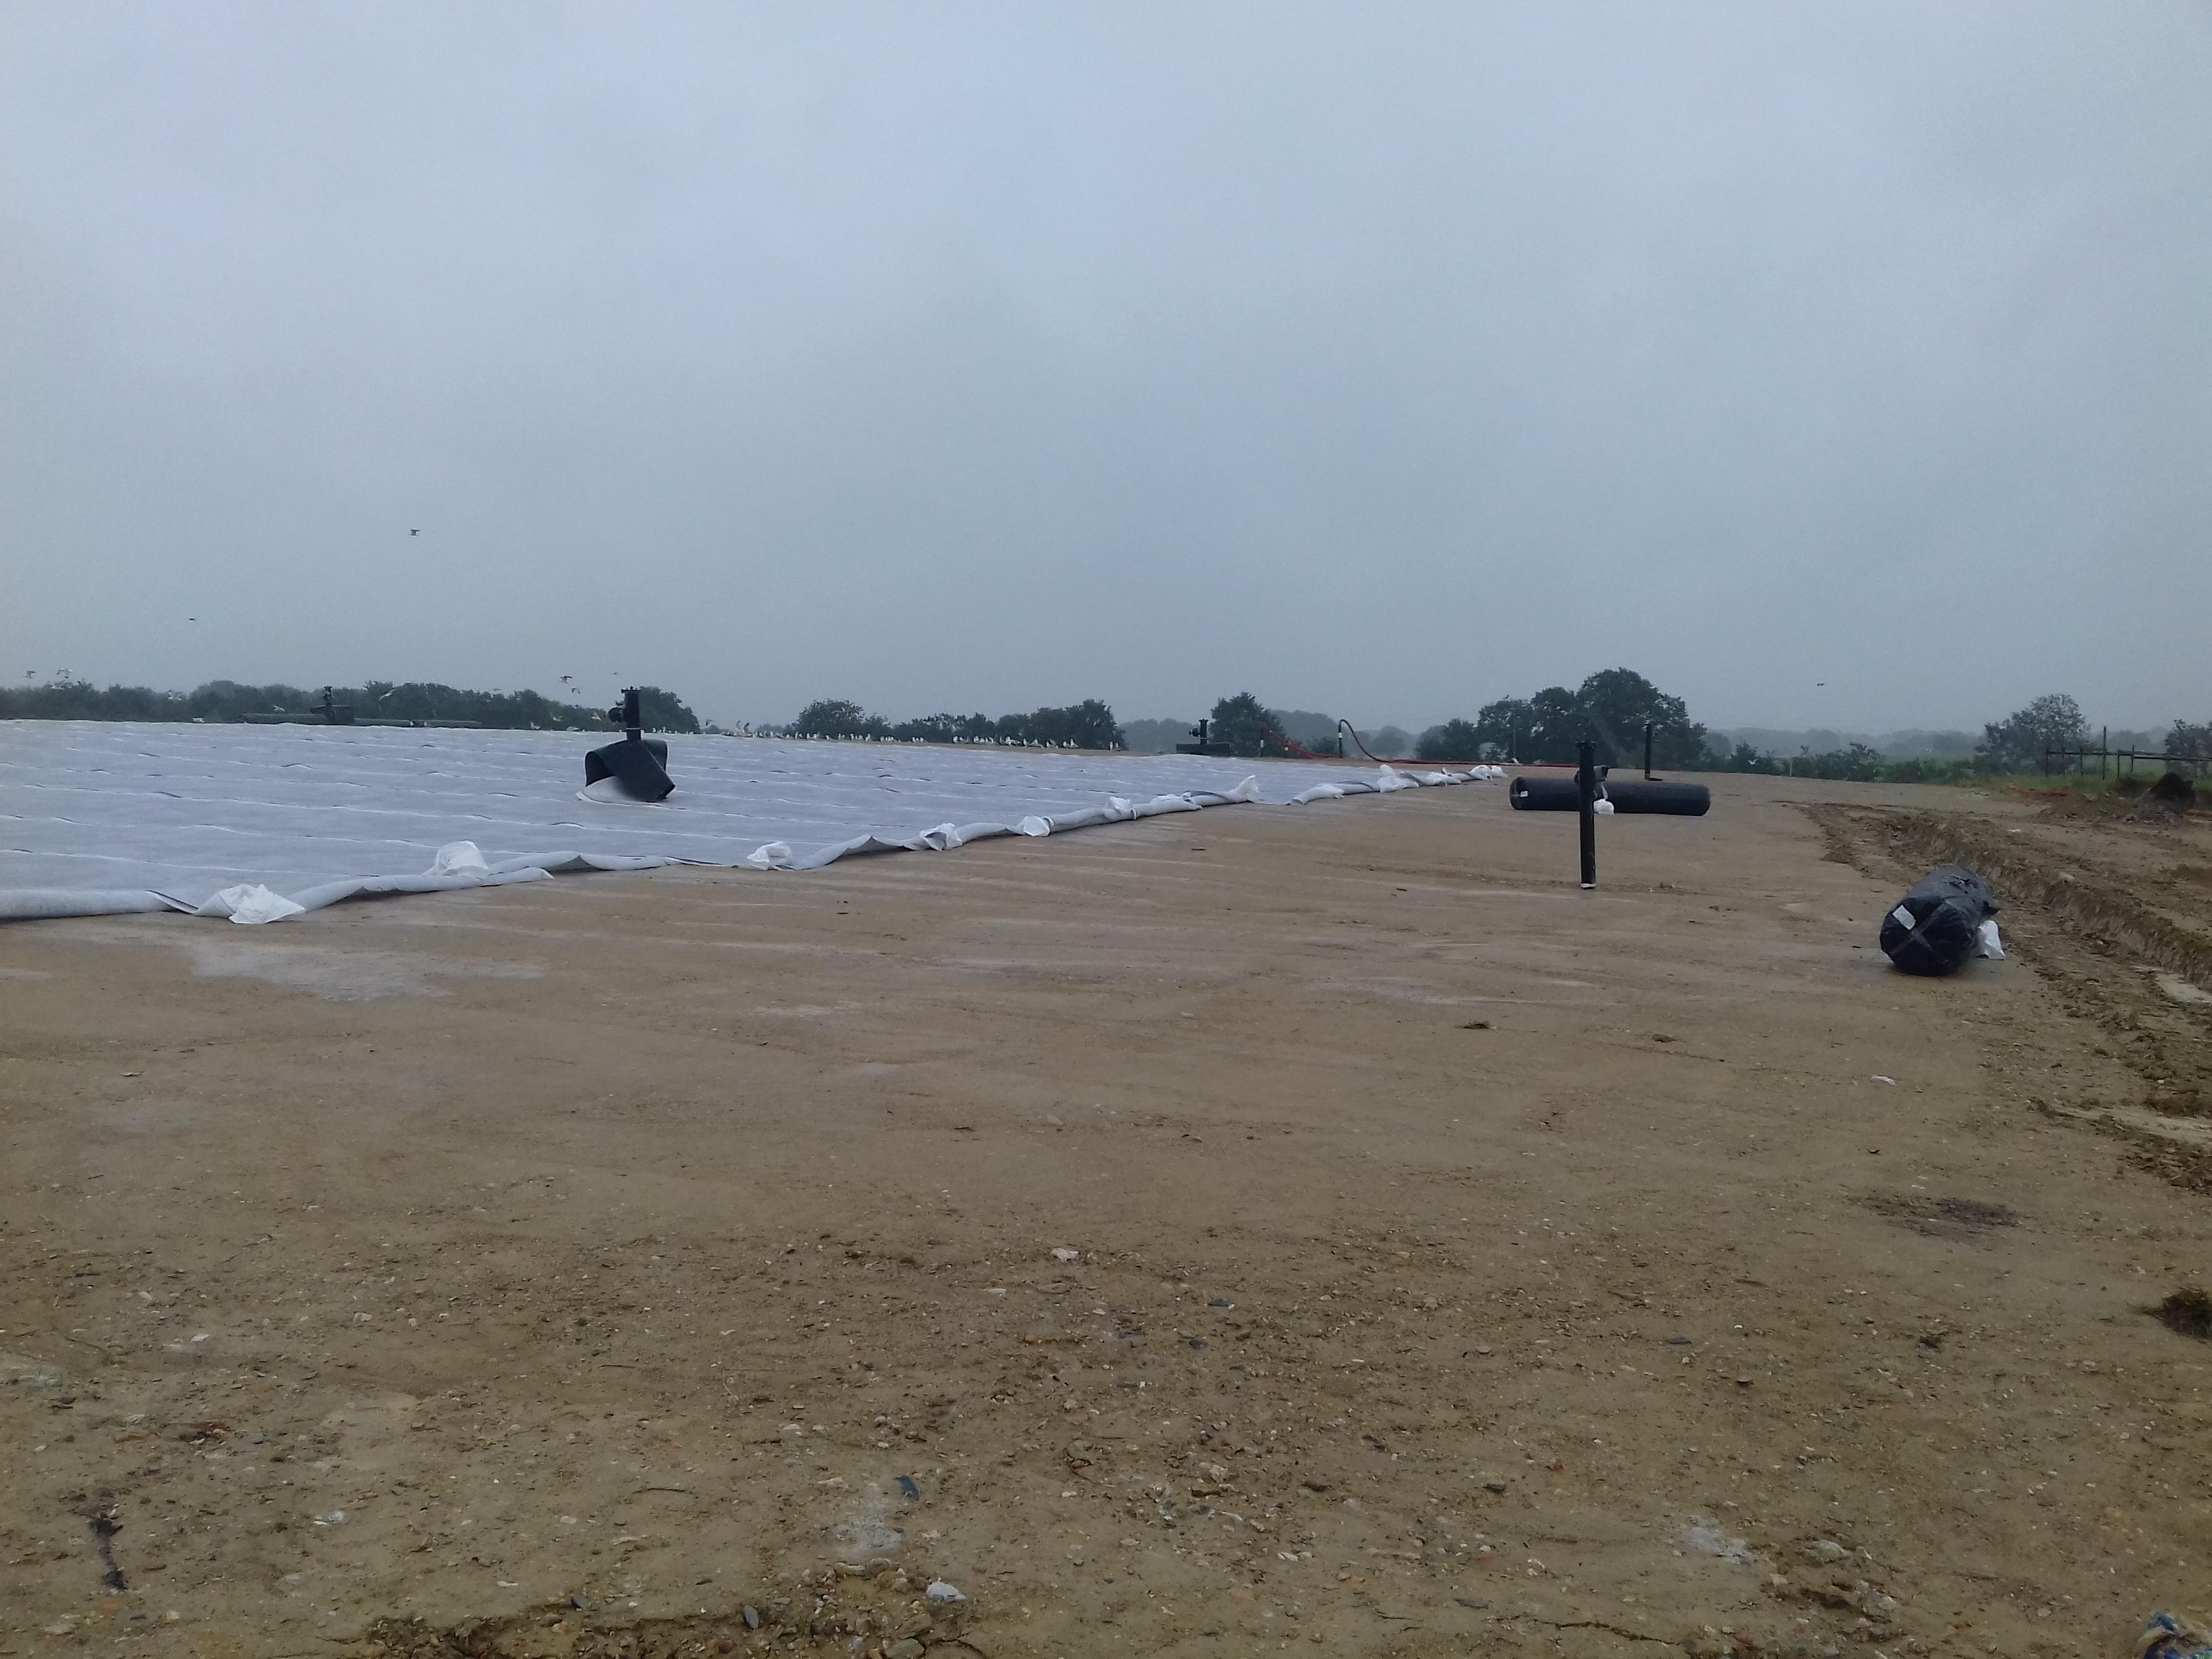 Fermeture : Mise en place géocomposite de drainage des eaux pluviales